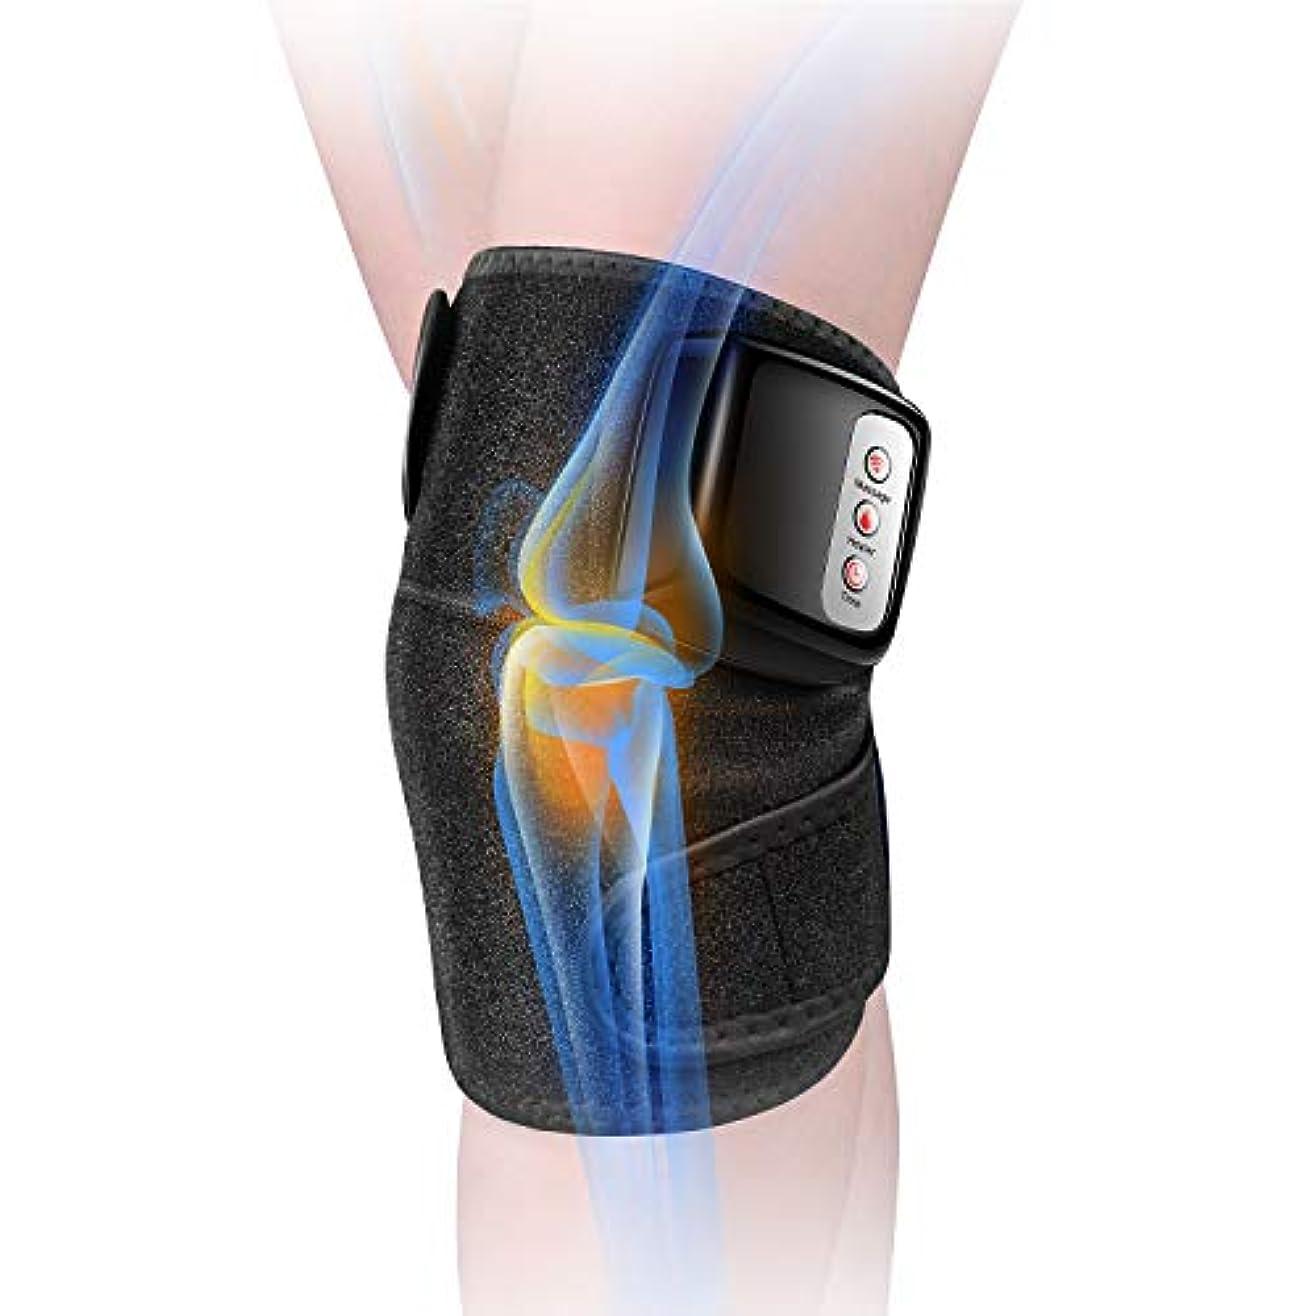 情報担当者どれでも膝マッサージャー 関節マッサージャー マッサージ器 フットマッサージャー 振動 赤外線療法 温熱療法 膝サポーター ストレス解消 肩 太もも/腕対応